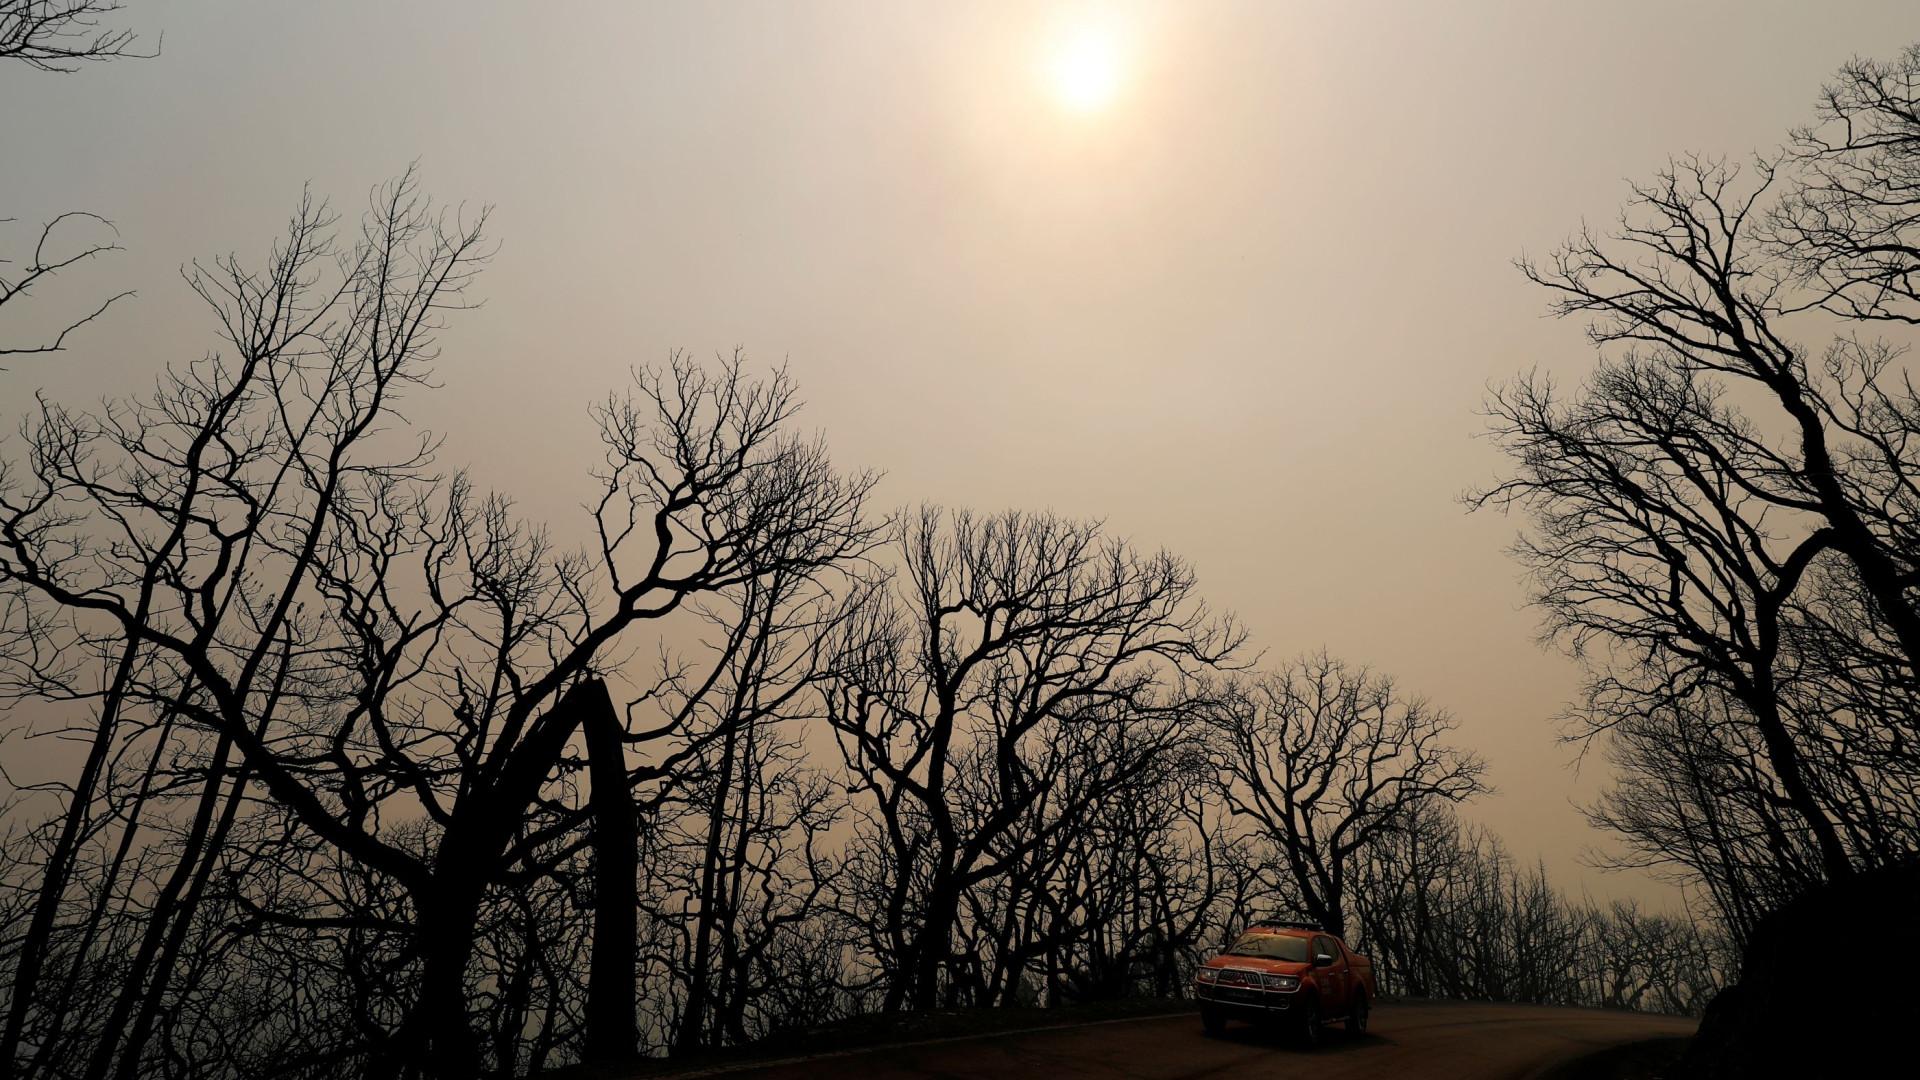 Em 2003, as chamas queimaram mais de 70 mil hectares no Algarve